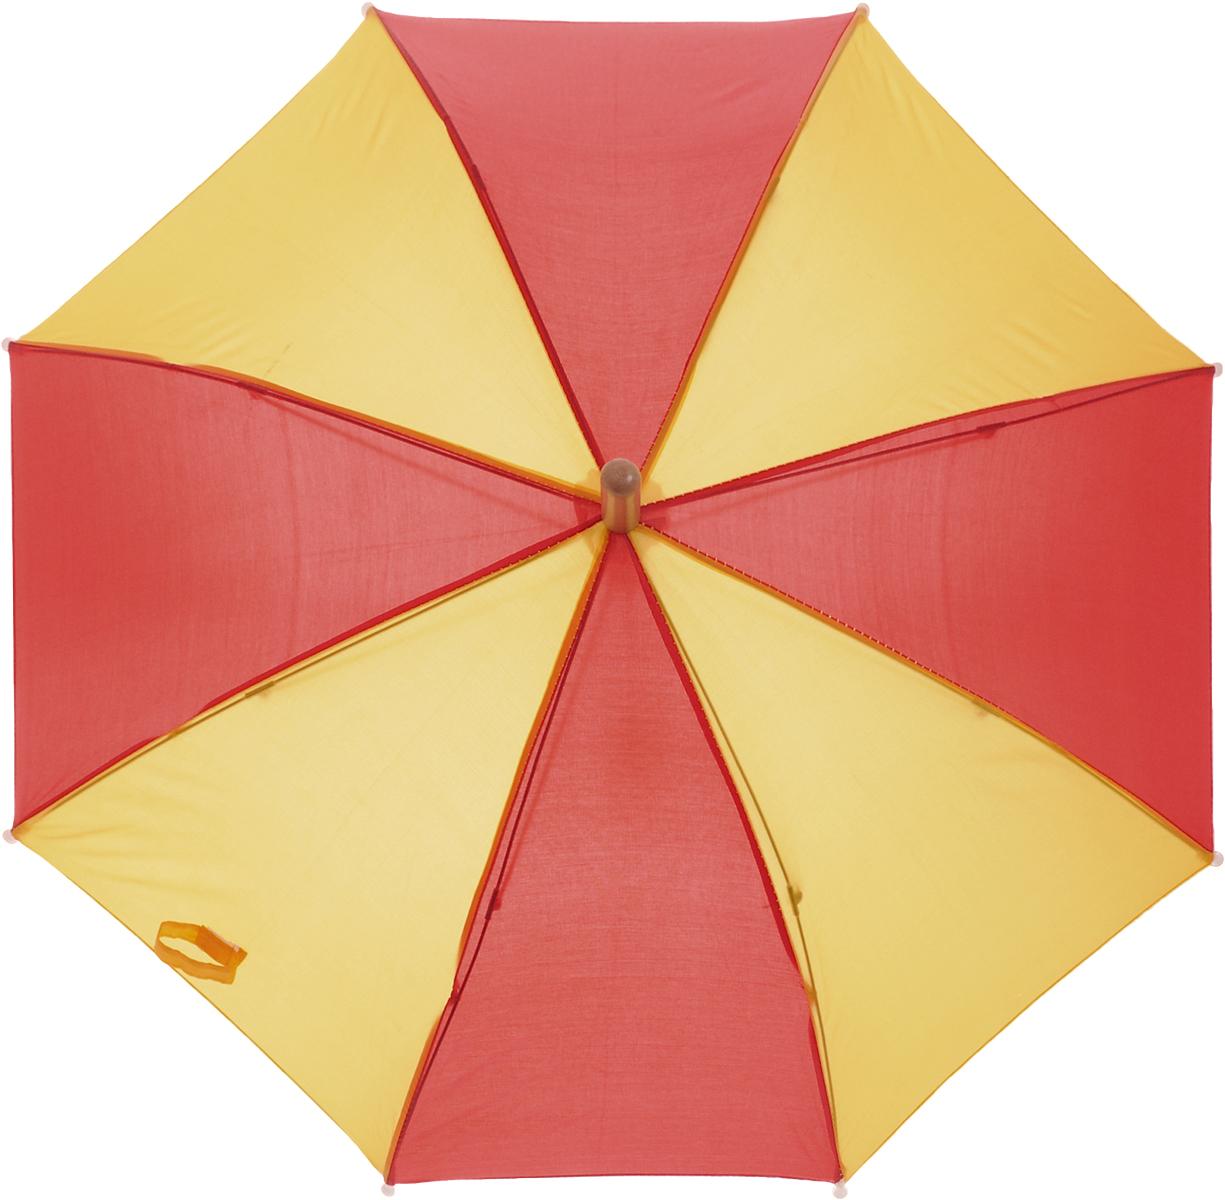 Classic World Зонт Пчелка2368Современный зонт Classic World Пчелка защитит от солнечных лучей и осадков вашего ребенка. Зонт оснащен жесткими спицами, которые препятствуют его деформации под действием ветра. Благодаря оригинальному и яркому дизайну ваш малыш всегда будет выглядеть стильно, а удобная рукоятка выполненная в виде веселой пчелки не даст его потерять. Рекомендуется детям от трех лет.